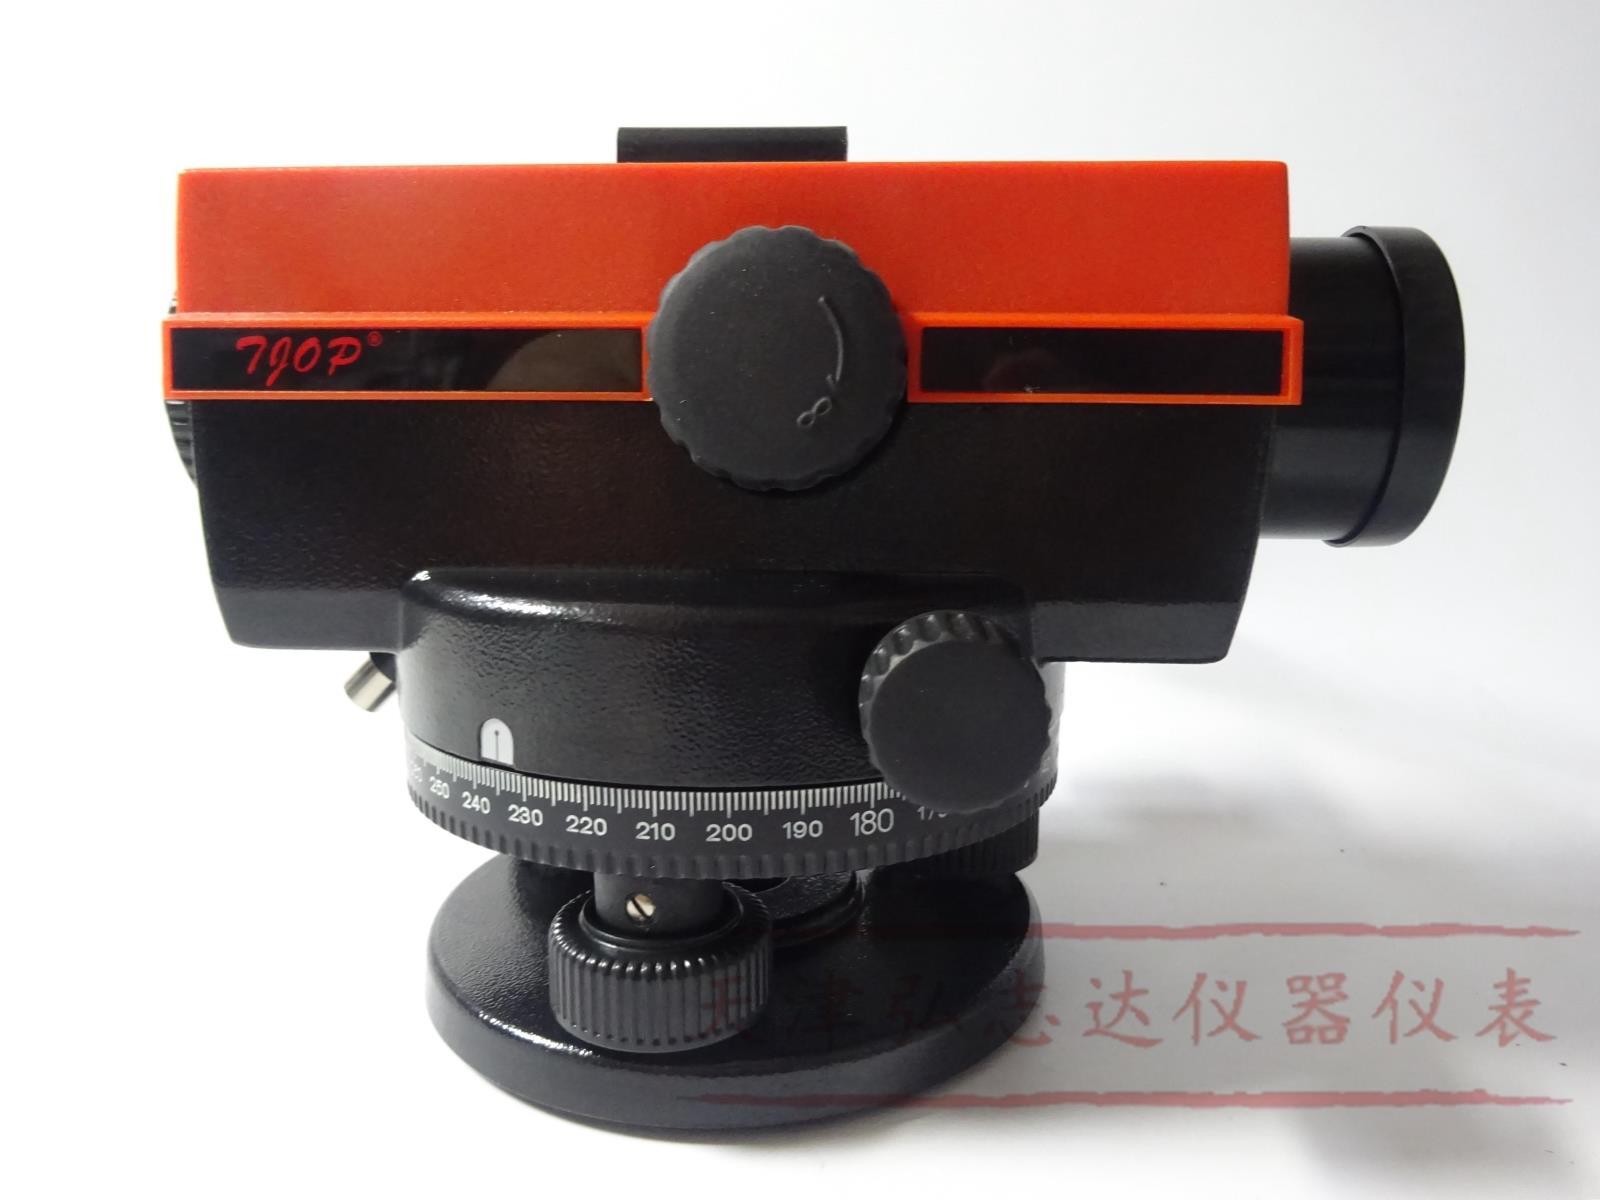 เทียนจิน欧波 DS32 ปรับระดับจากระดับกลางแจ้ง